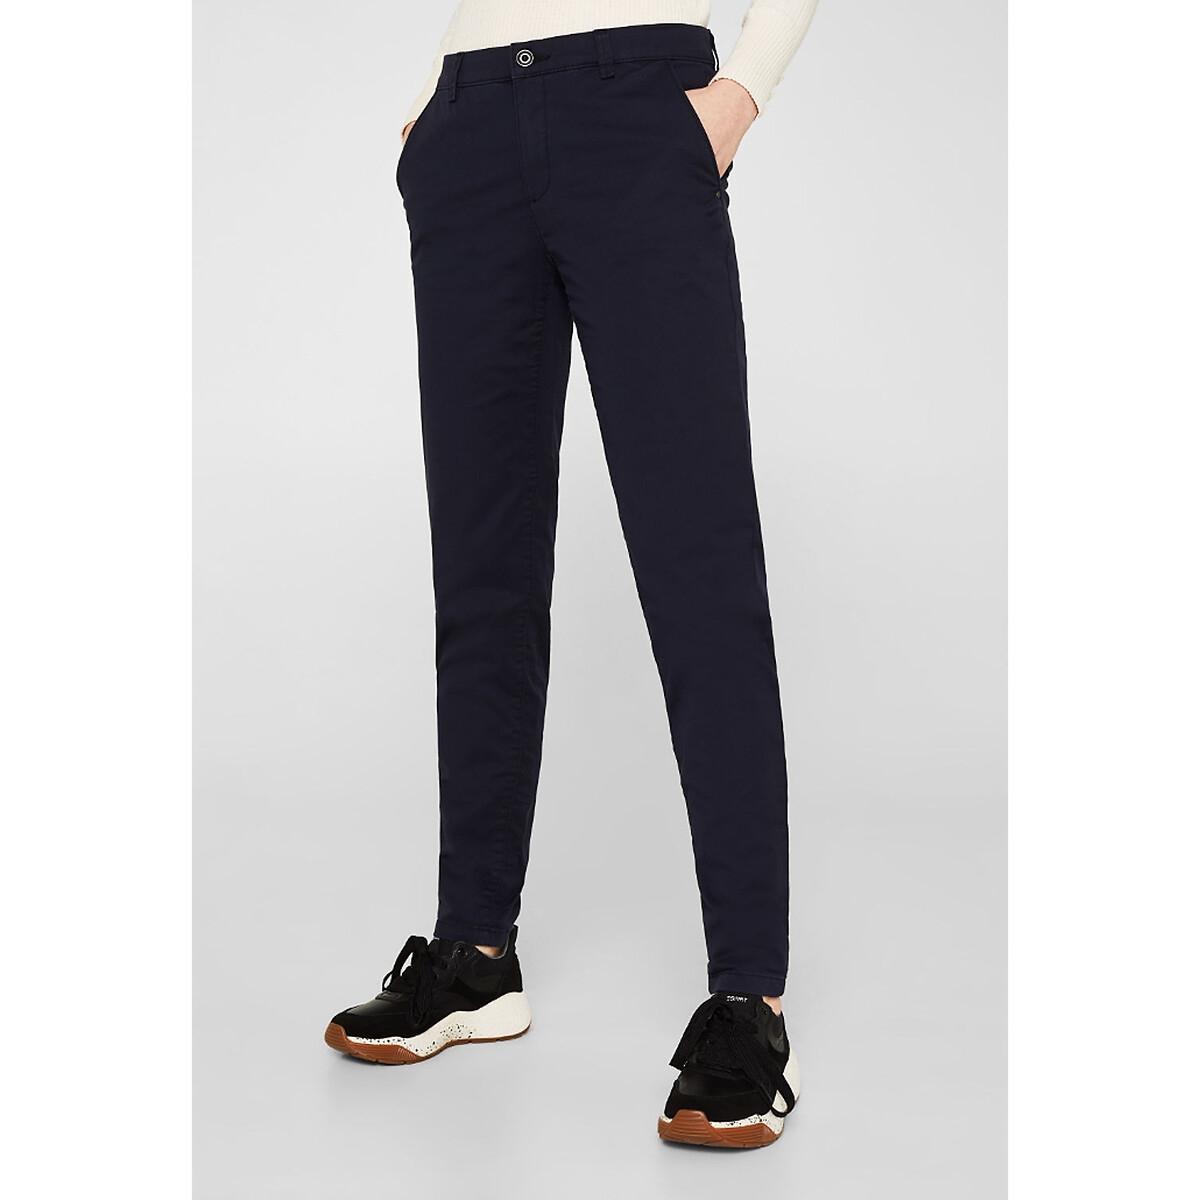 Pantalón chino de algodón orgánico L32